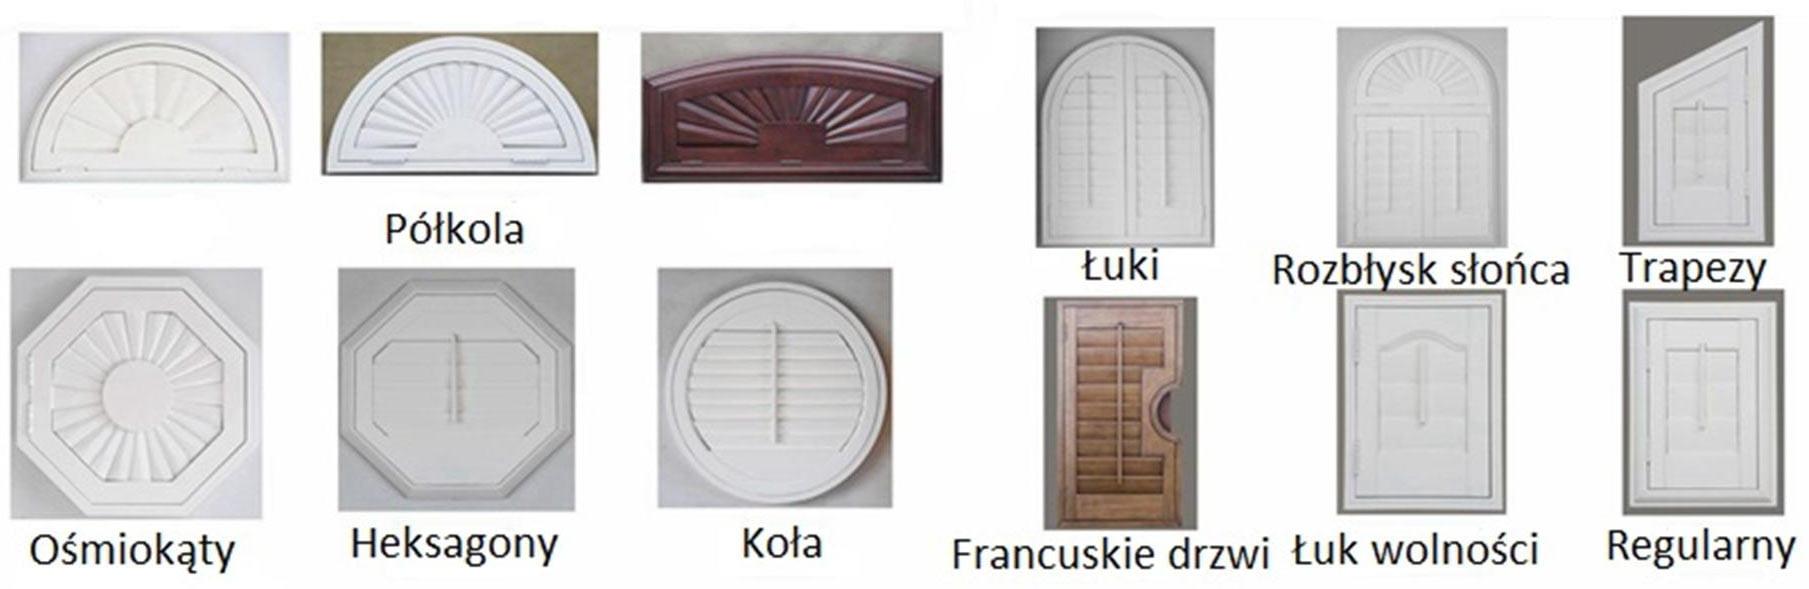 kształty okiennic shutters